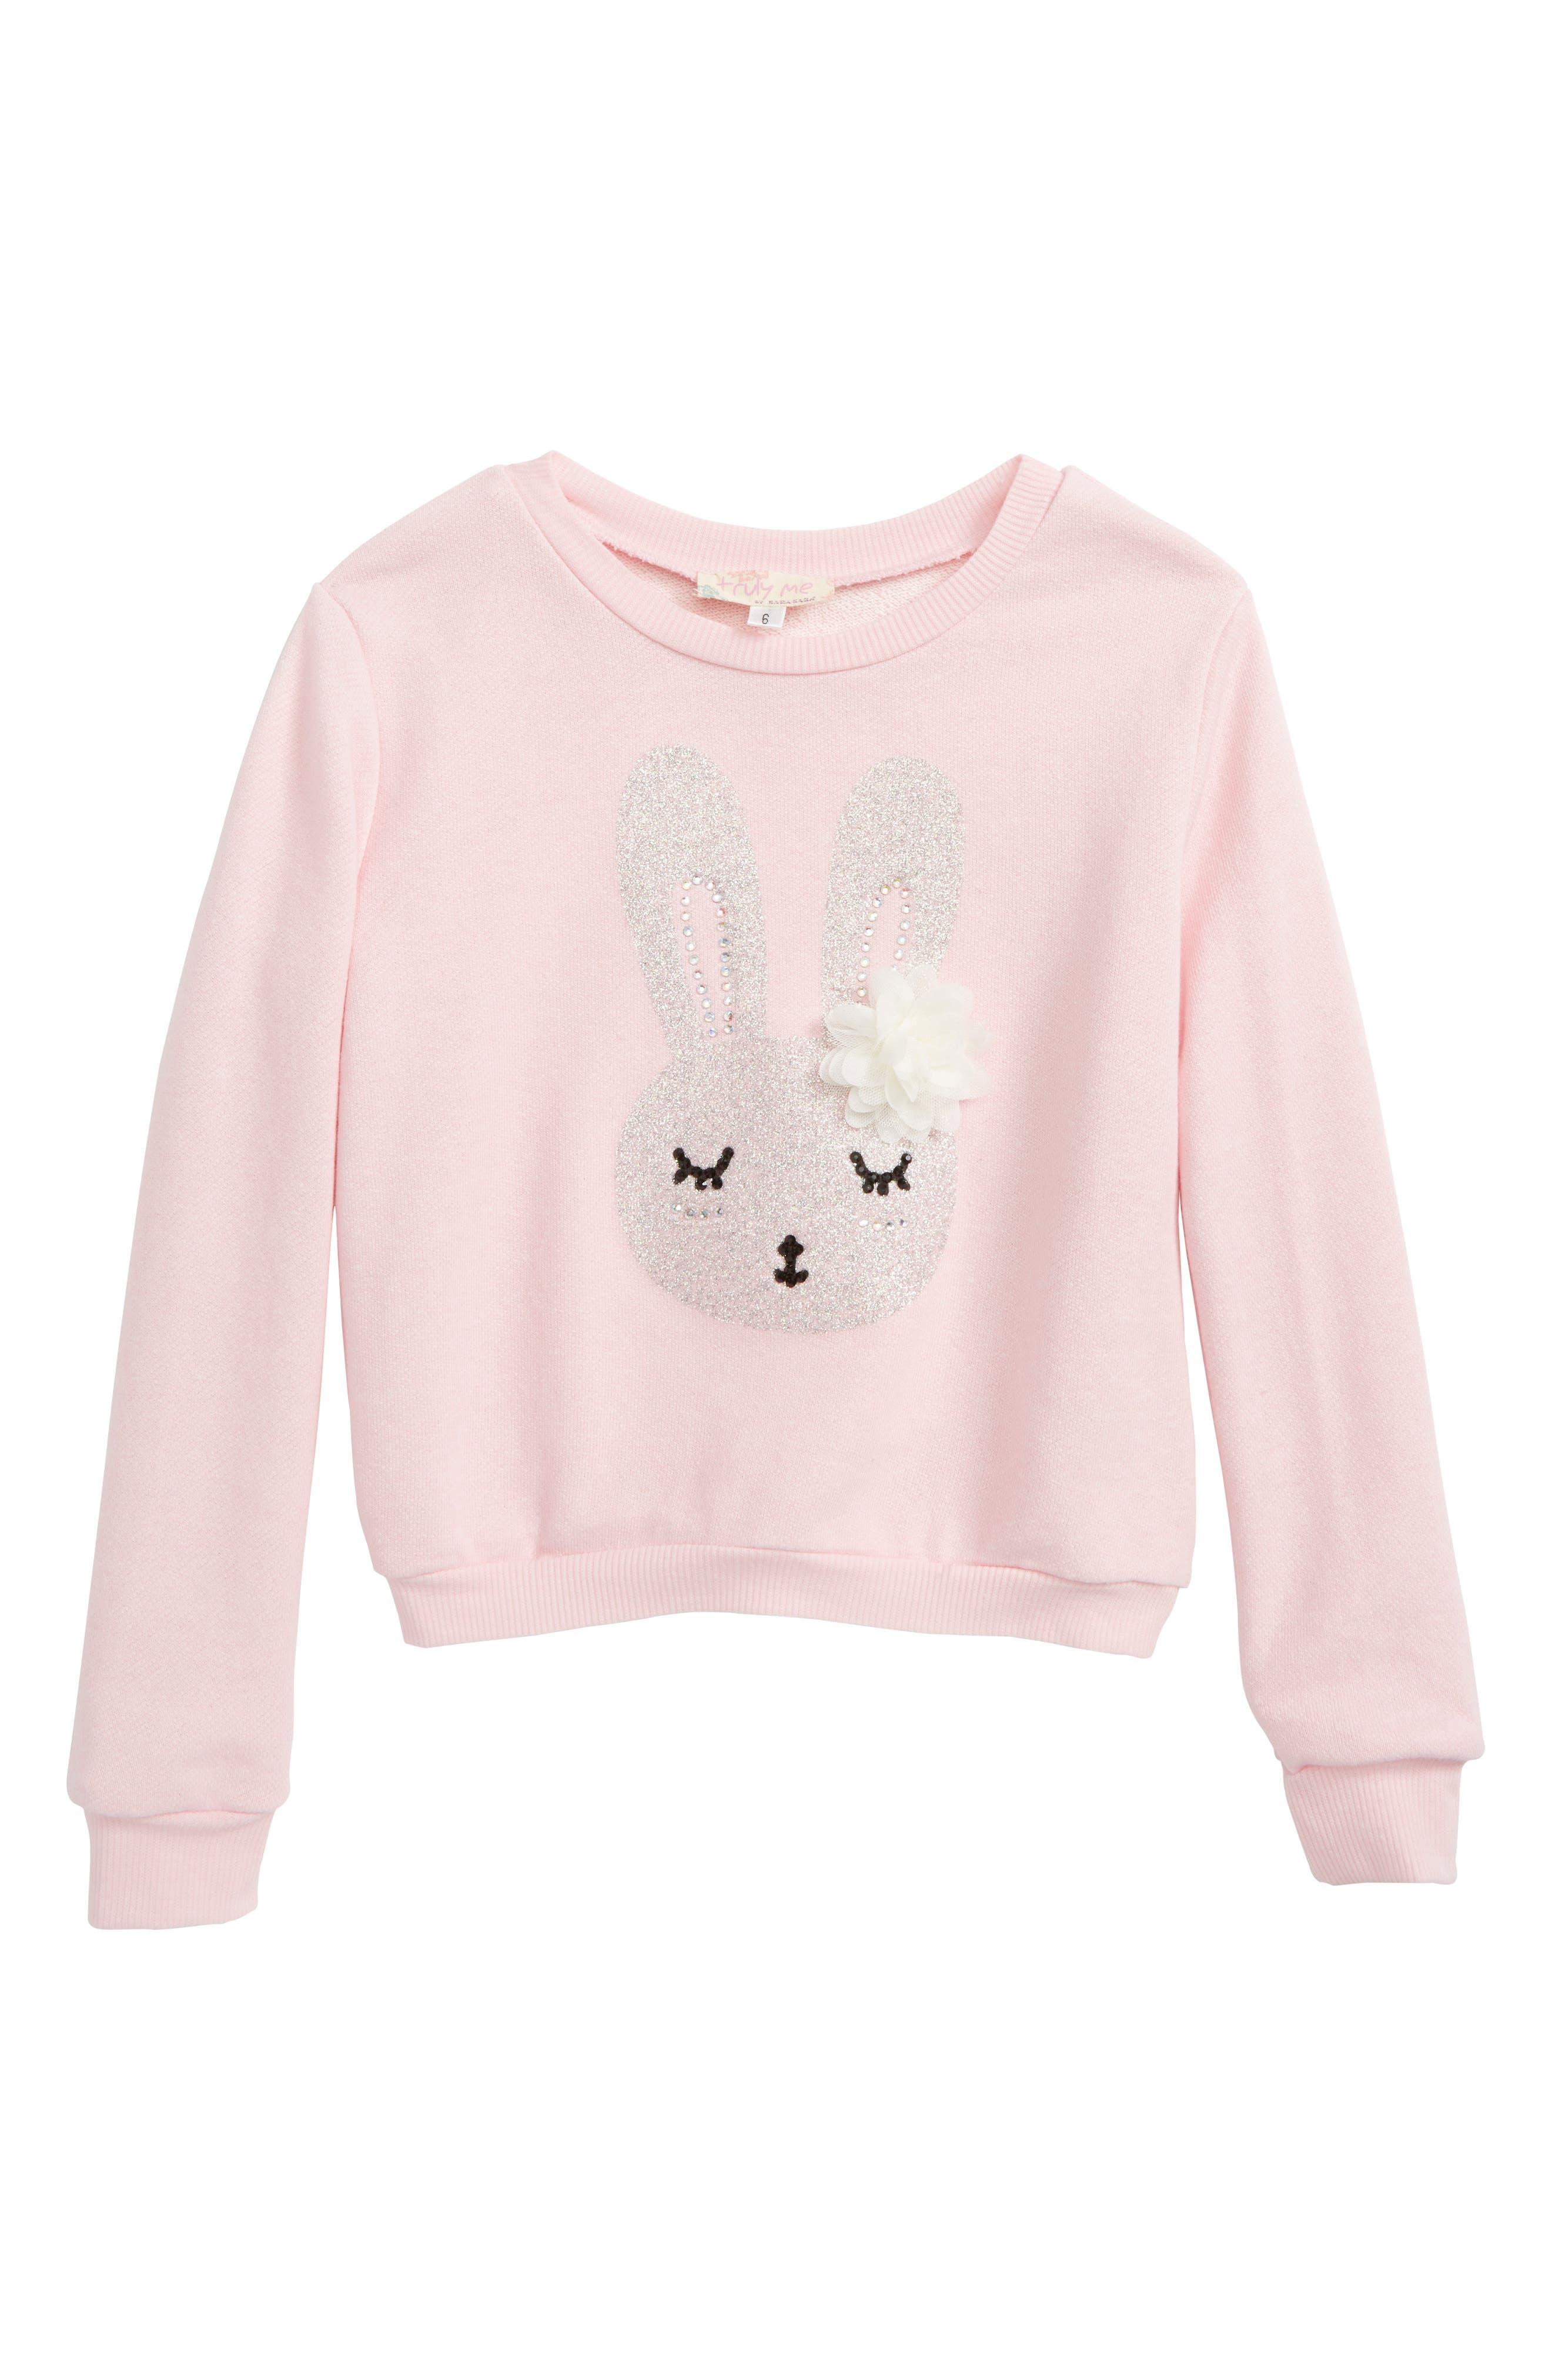 Bunny Graphic Sweatshirt,                             Main thumbnail 1, color,                             Pink